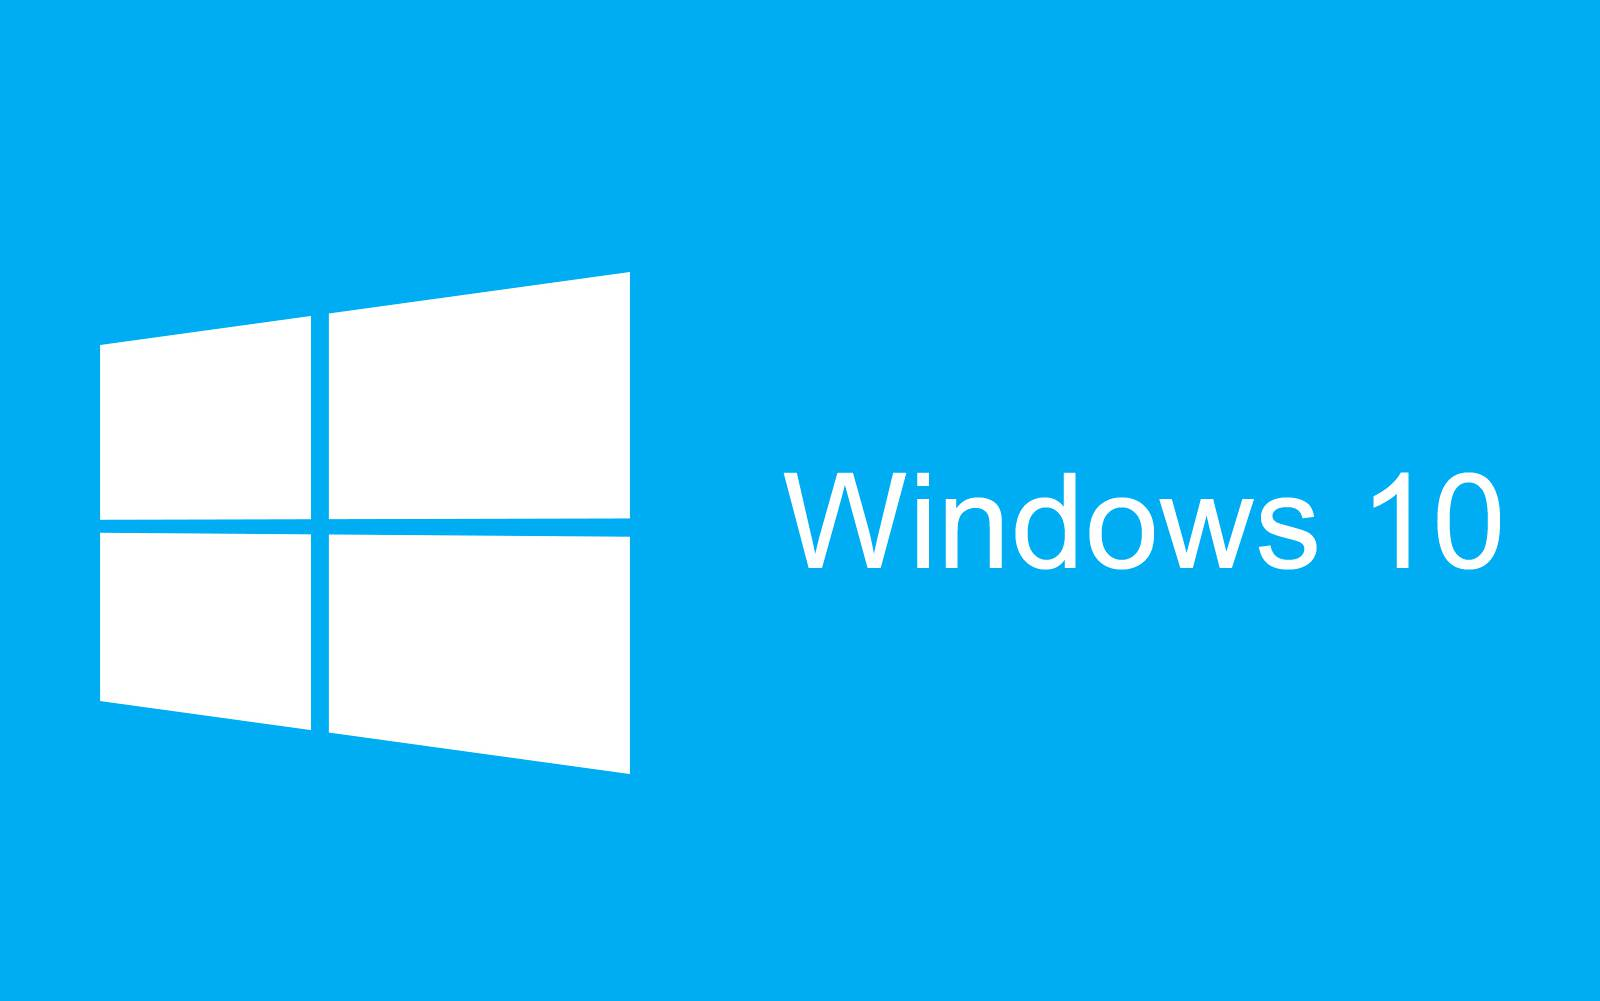 Windows 10. Noi Functii IMPORTANTE Anuntate pentru LANSARE